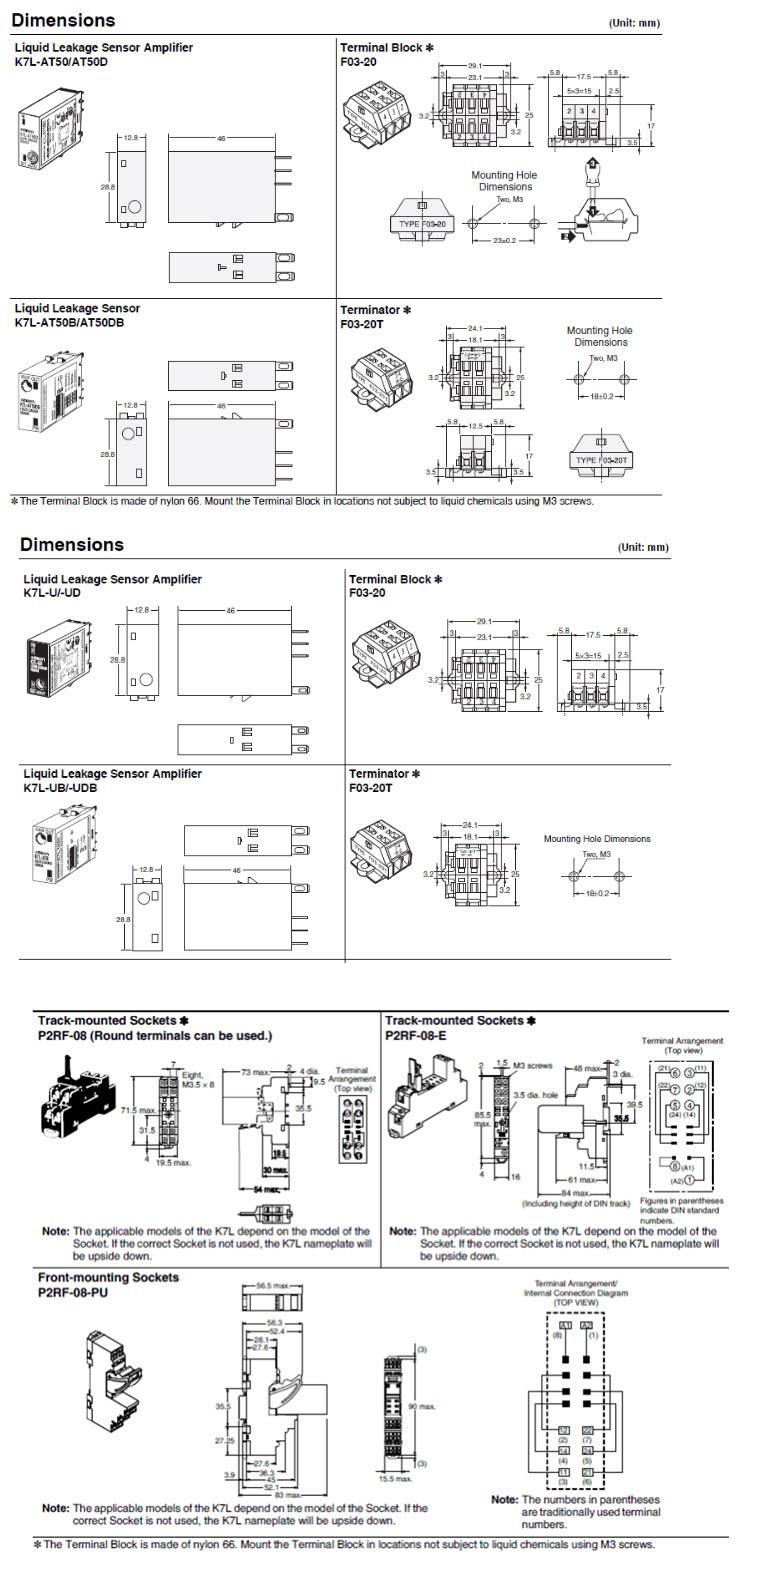 K7L-_-B_Dimensions.jpg